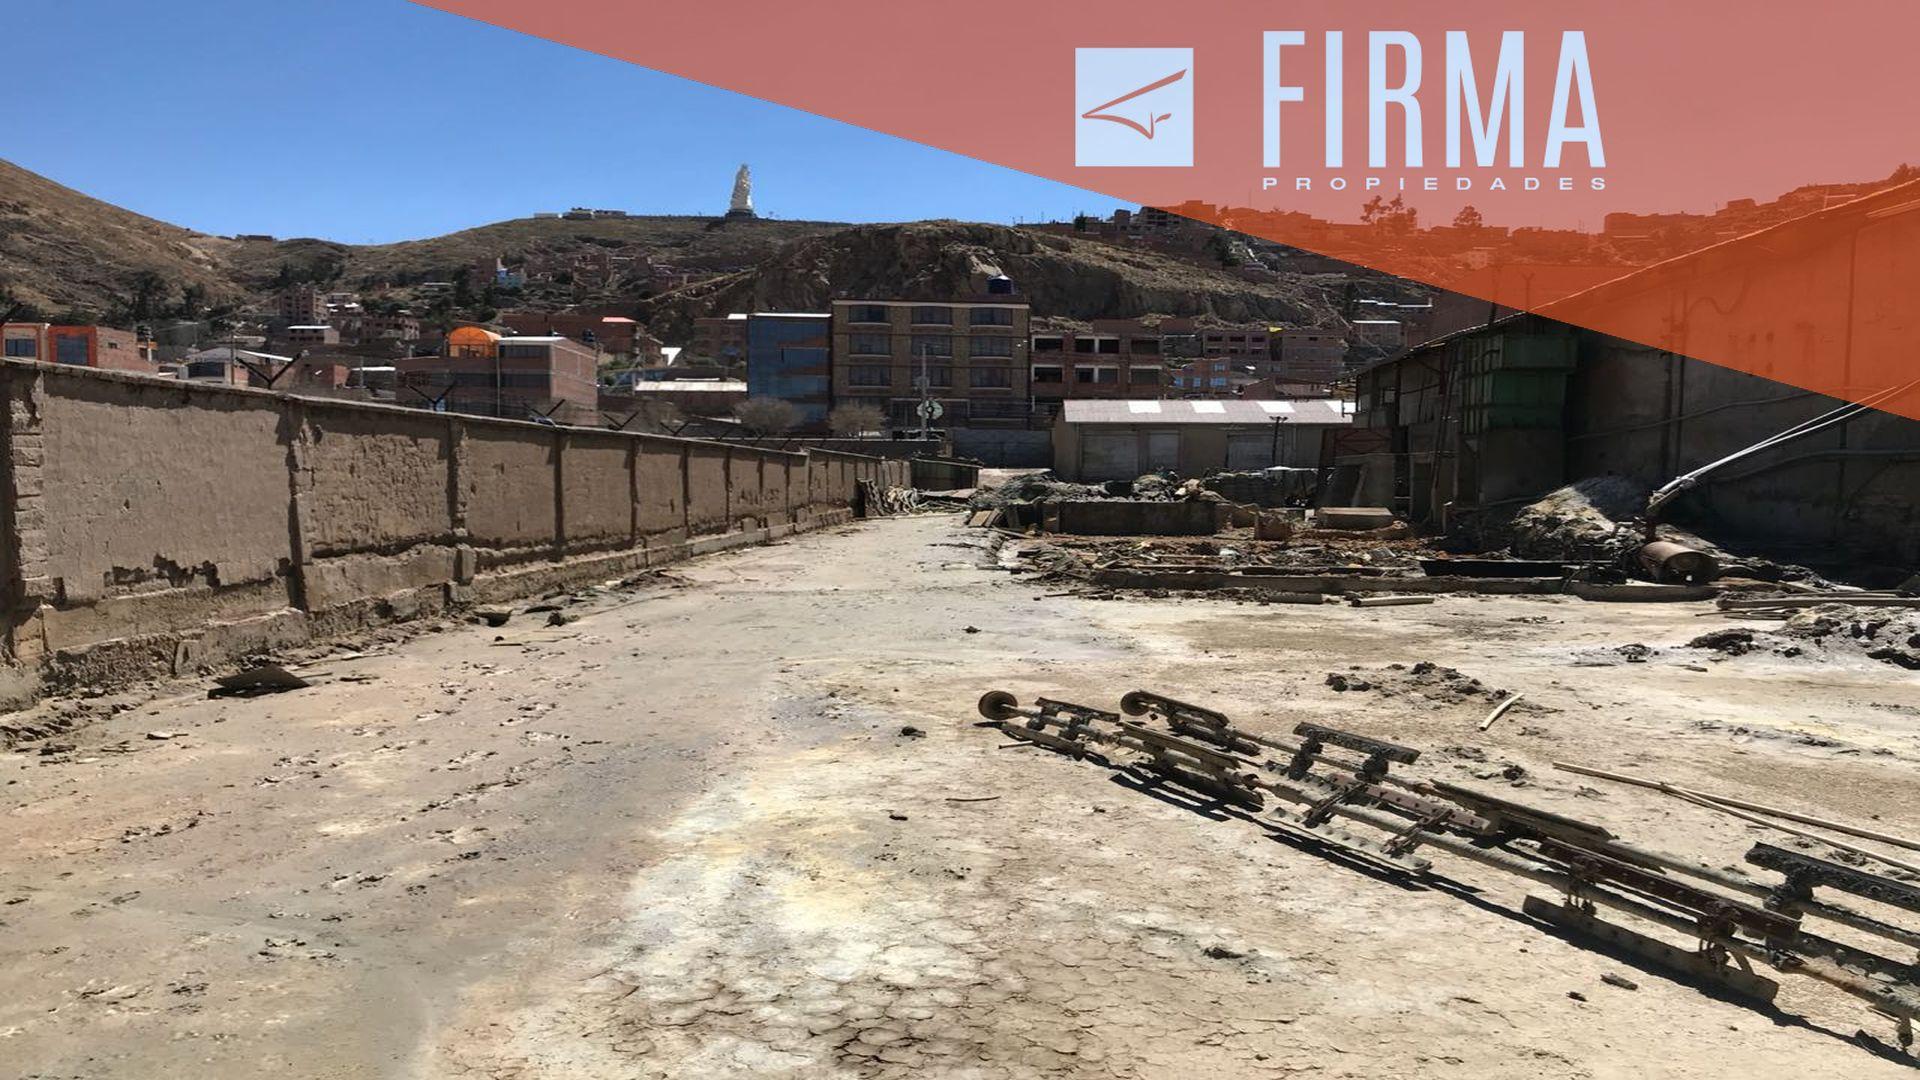 Terreno en Venta FTV18530 – COMPRA ESTE TERRENO EN ORURO Foto 2